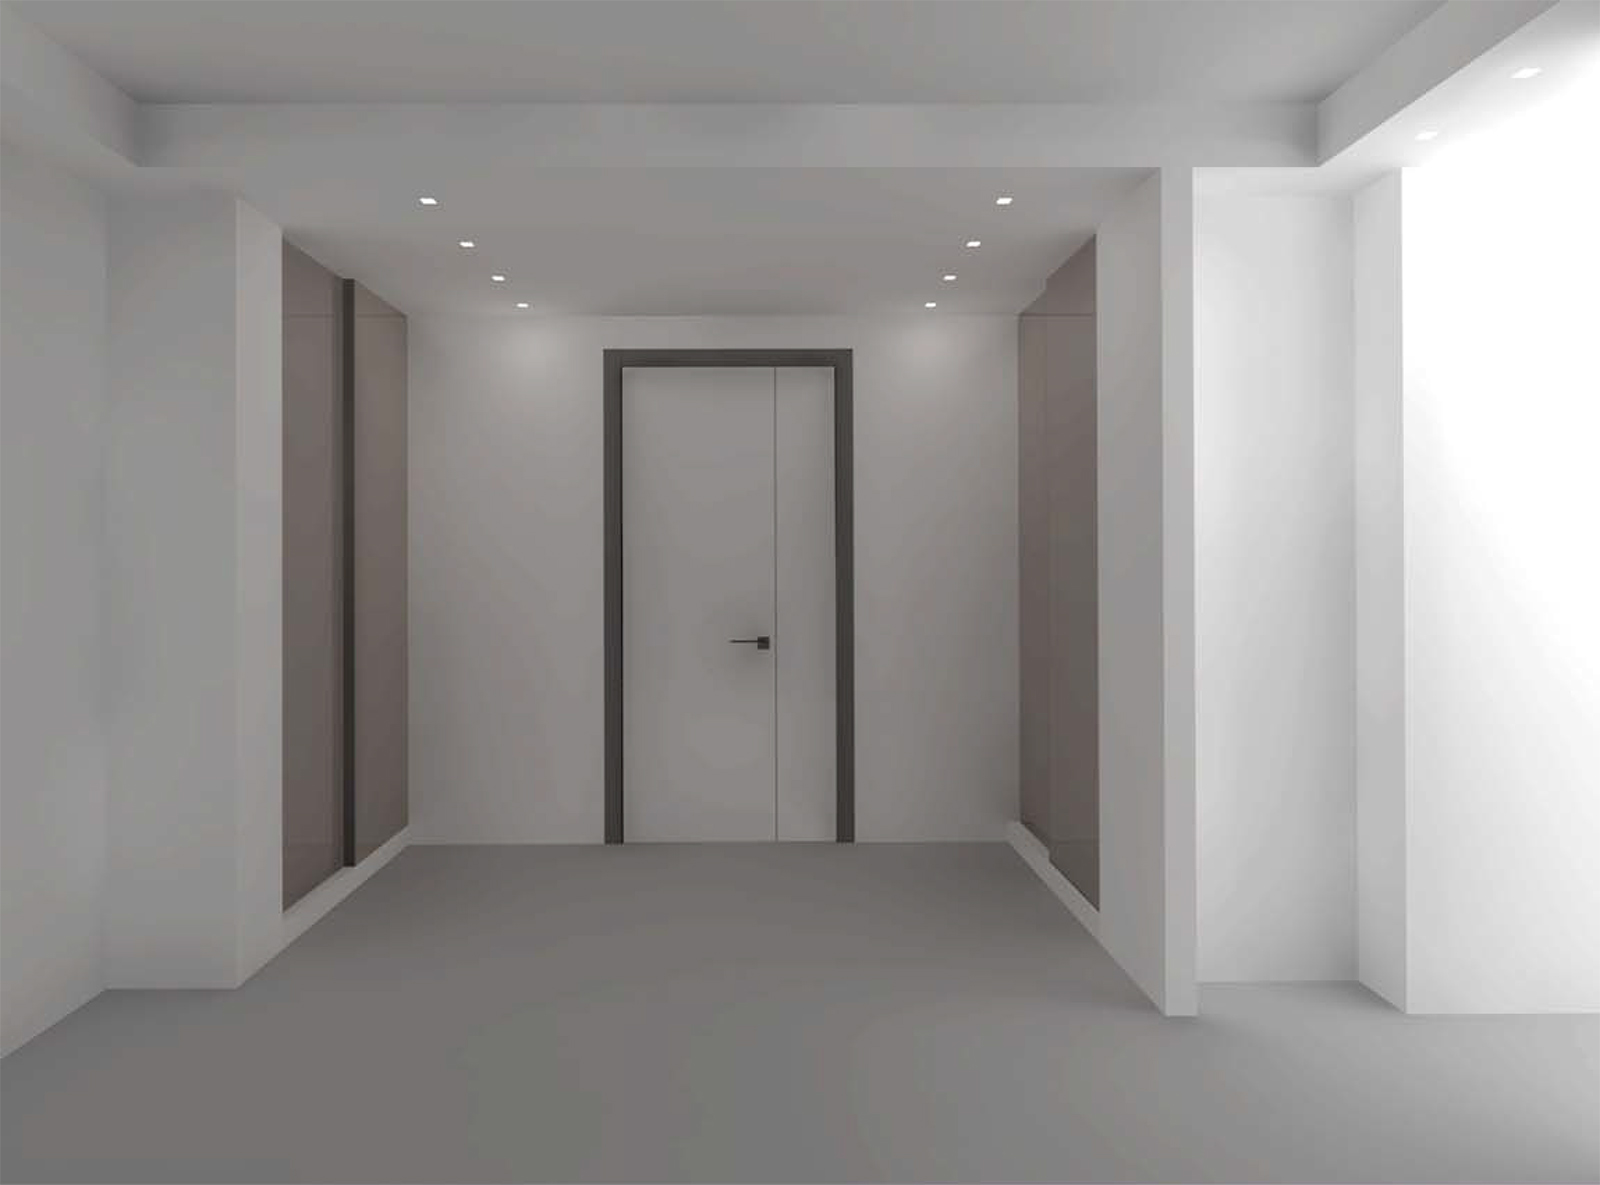 Idee per illuminare l 39 ingresso i faretti illuminazione - Idee per illuminare casa ...